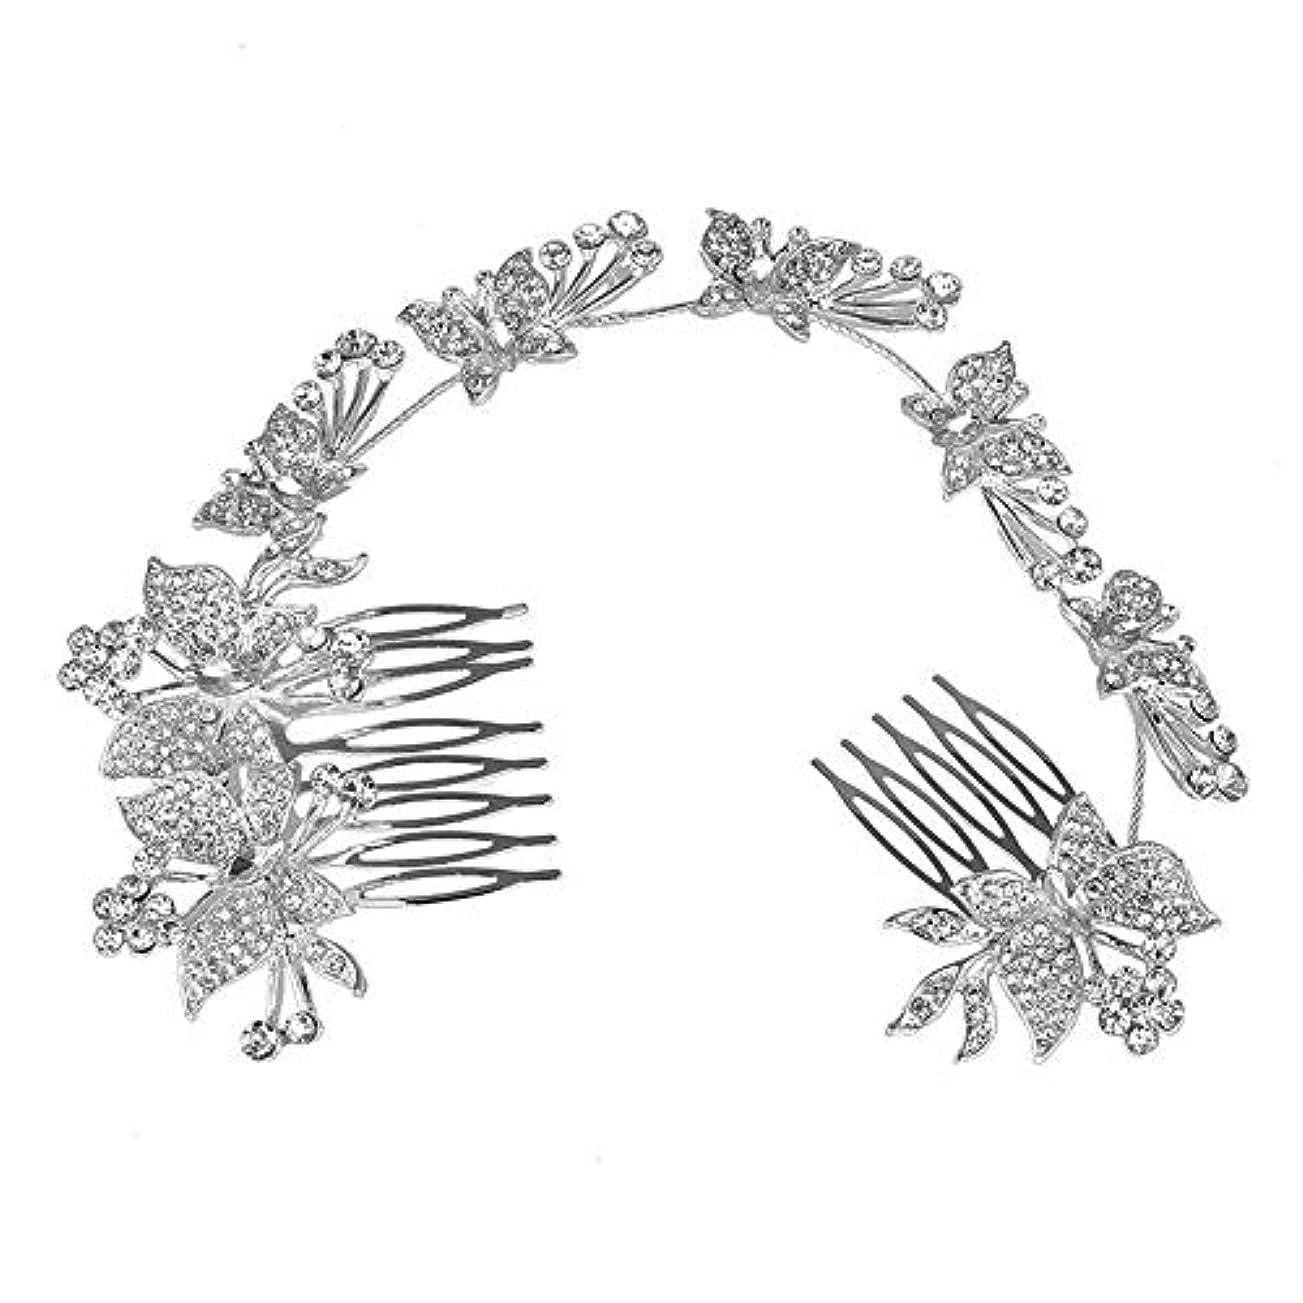 テラス動機付けると組む髪の櫛、櫛、蝶、髪の櫛、ブライダル髪の櫛、結婚式の髪の櫛、ラインストーンの櫛、ヘッドギア